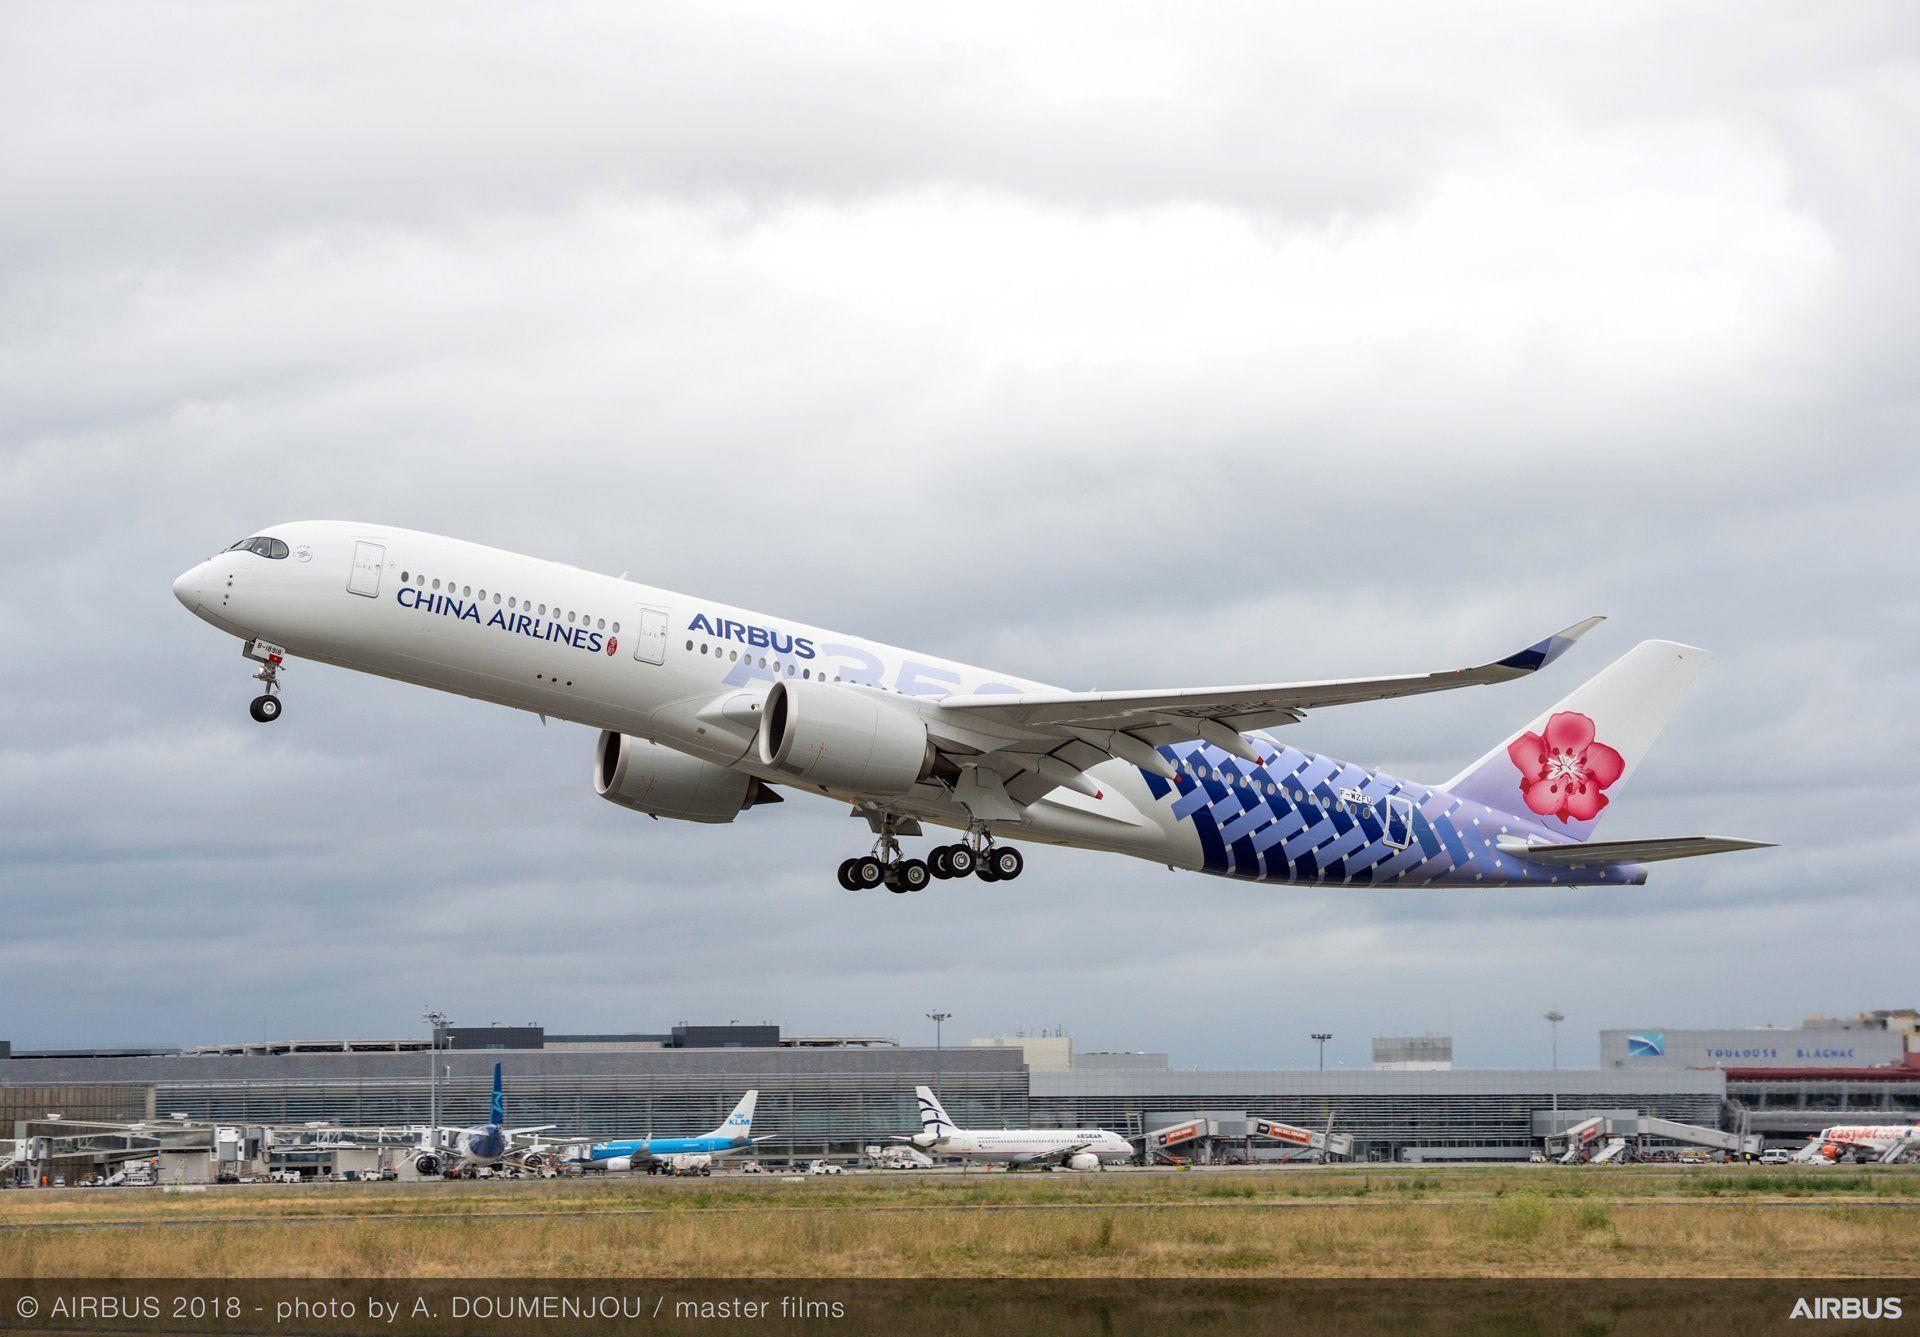 China Airlines převzaly poslední A350-900, má speciální zbarvení. Foto: Airbus